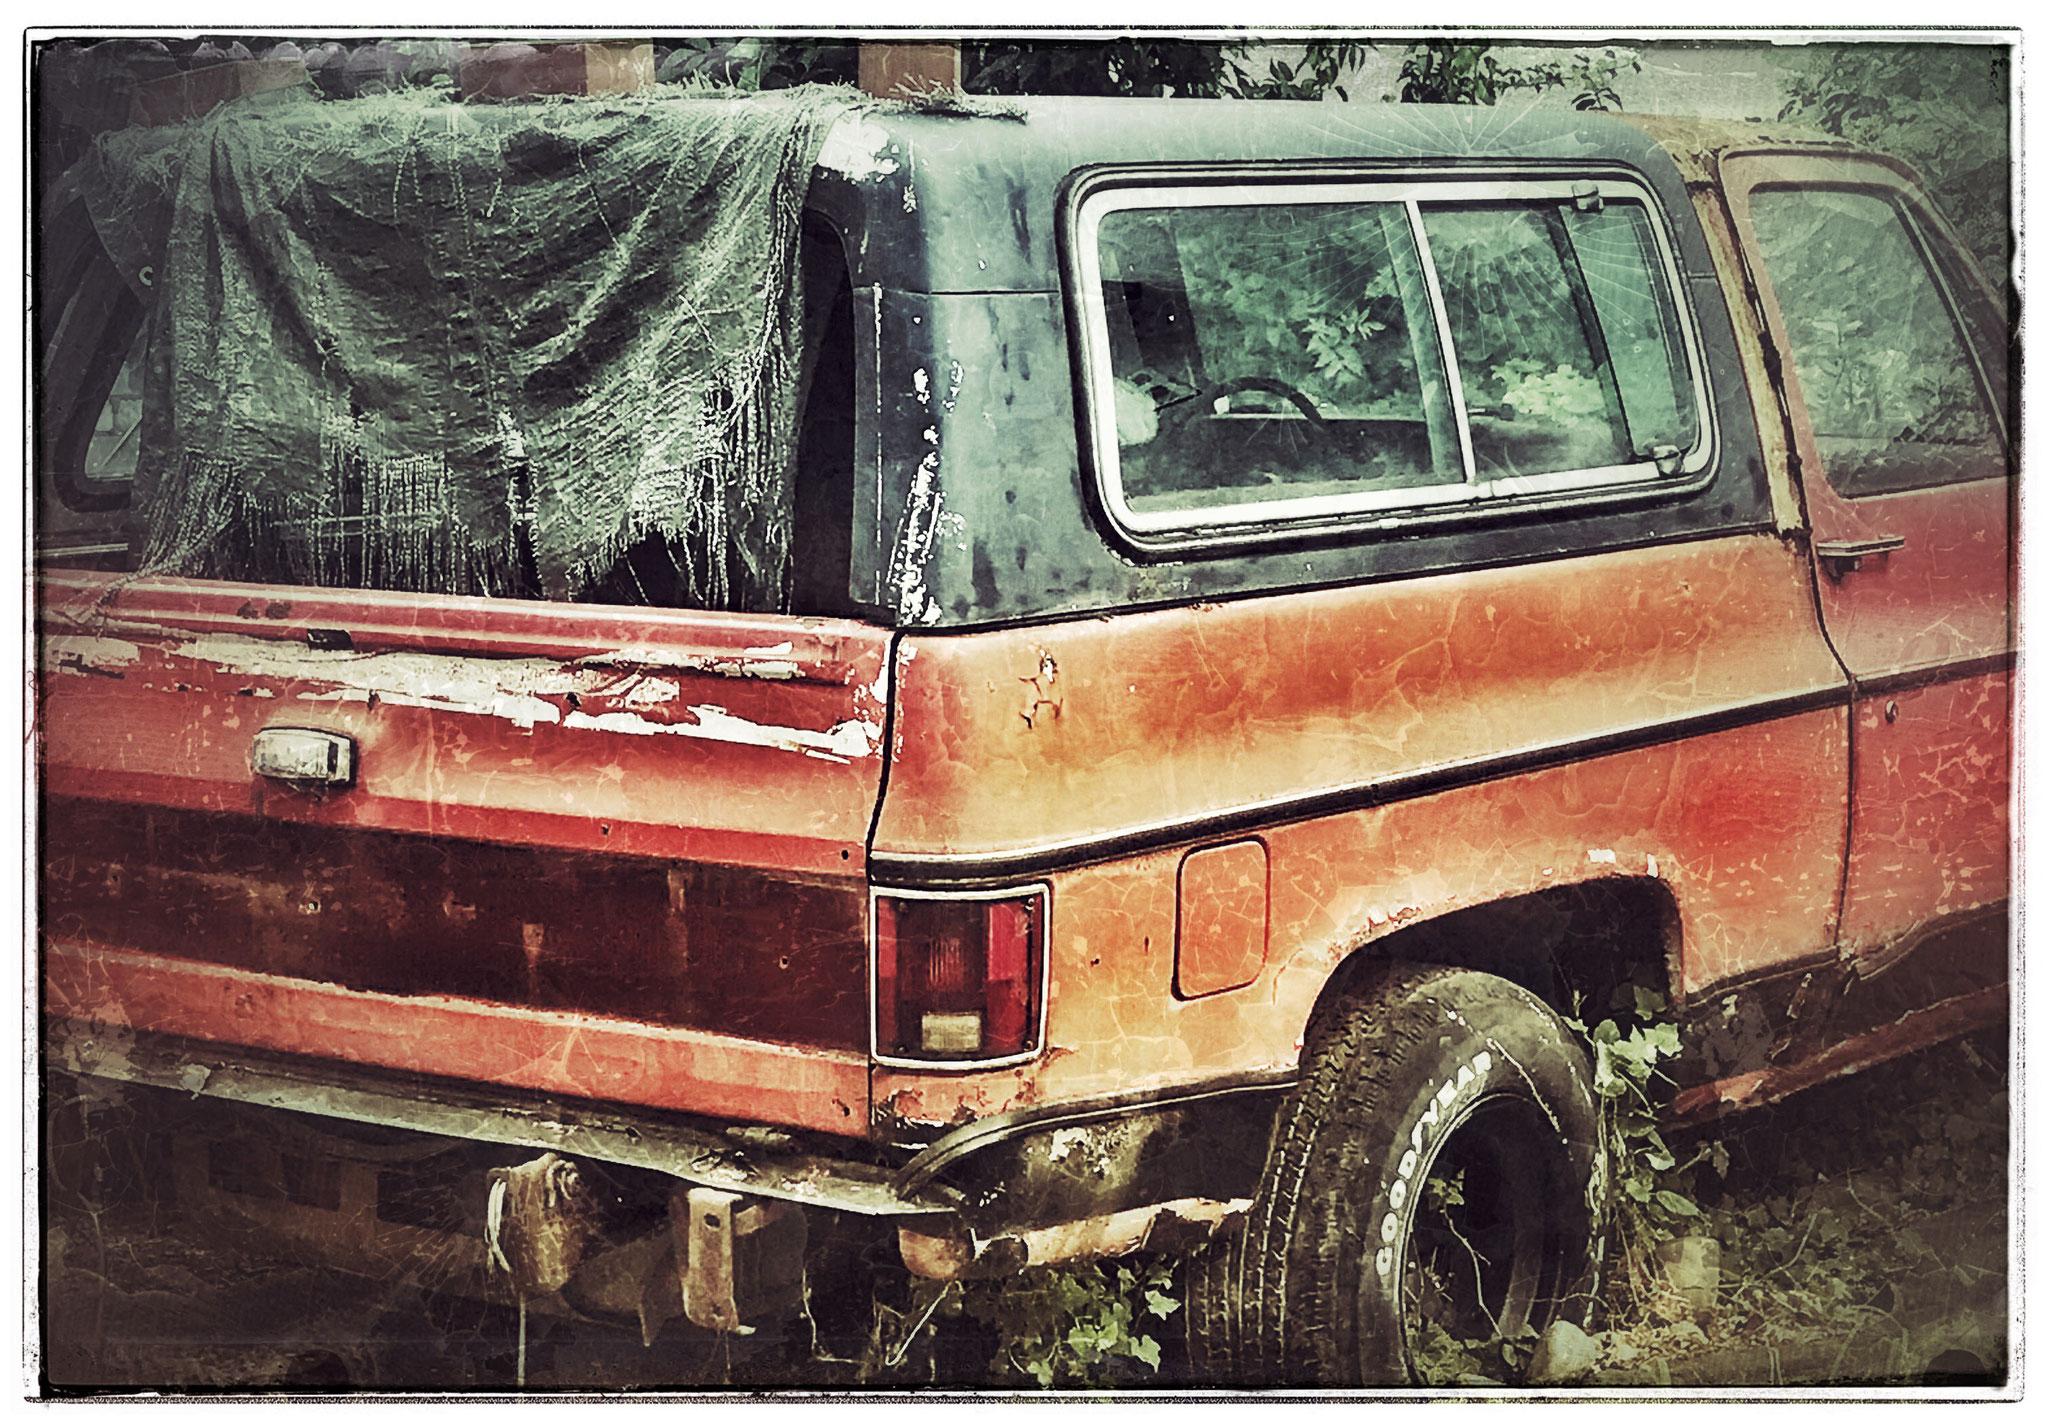 Ein Pick Up, den sich langsam die Natur holt. Shotloc: Ludwigshafen